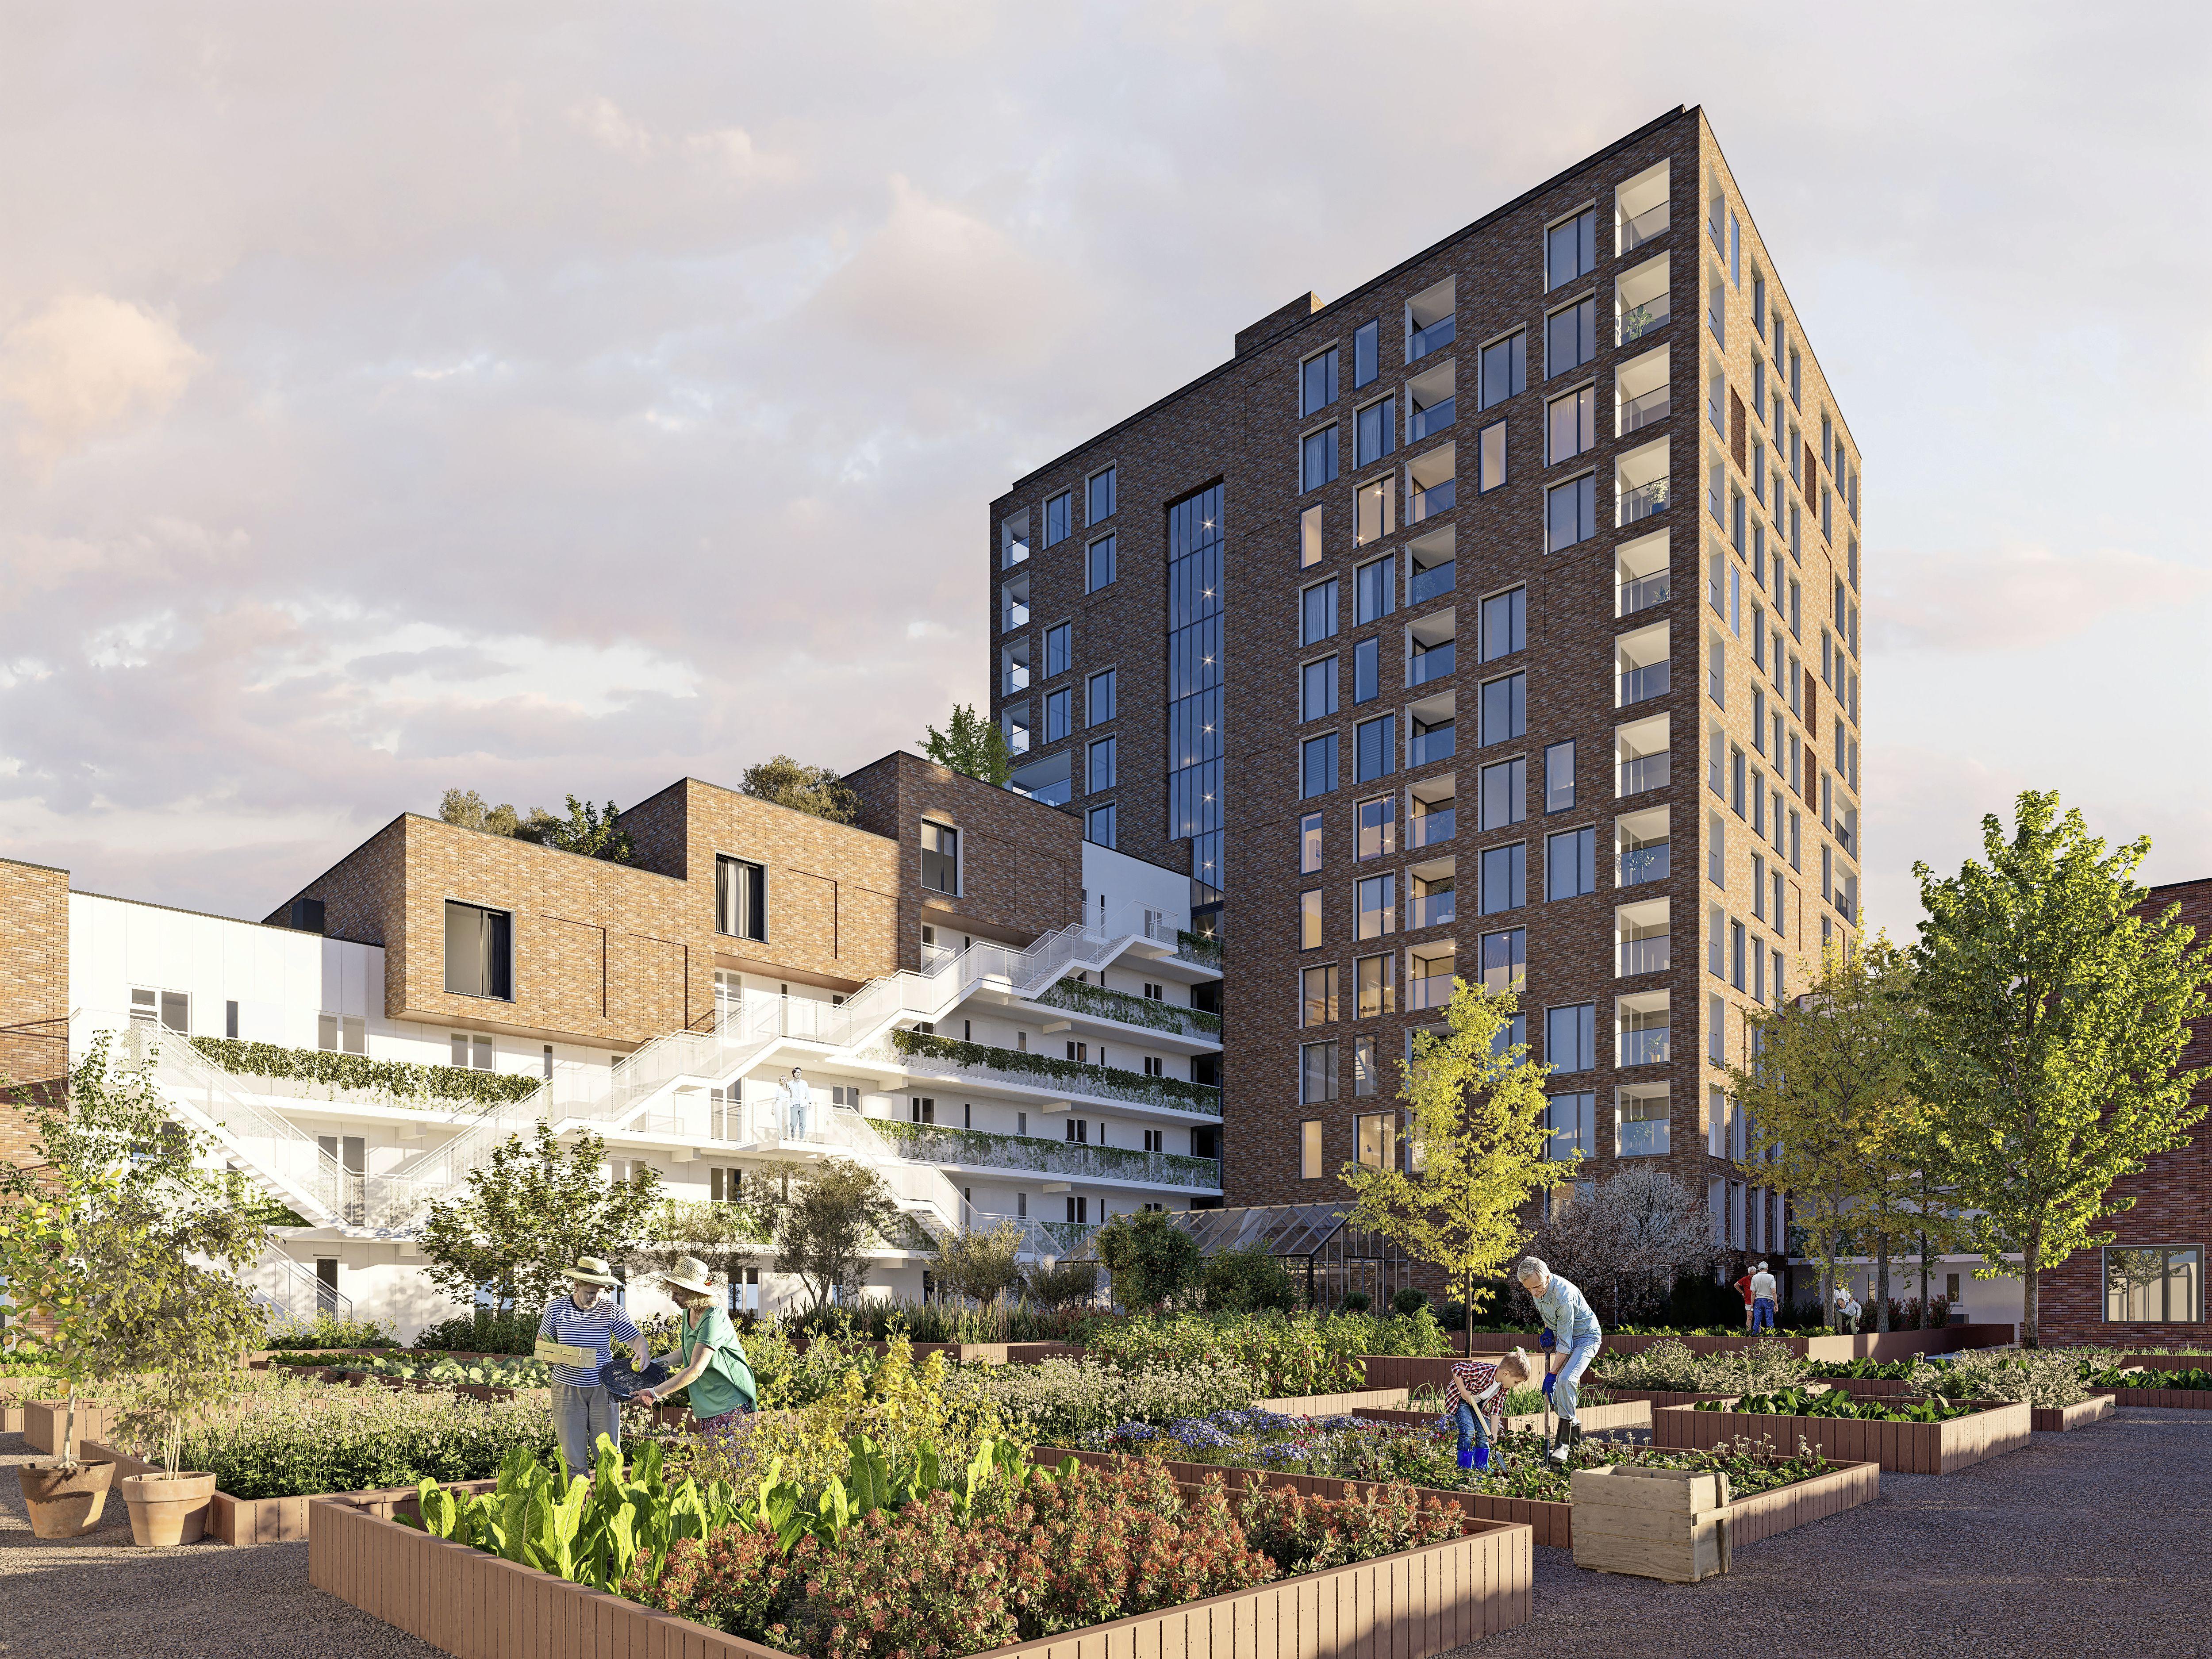 'Groen hart' in Leiden Zuidwest: Op Scal-locatie moet appartementencomplex met eigen ecosysteem verrijzen